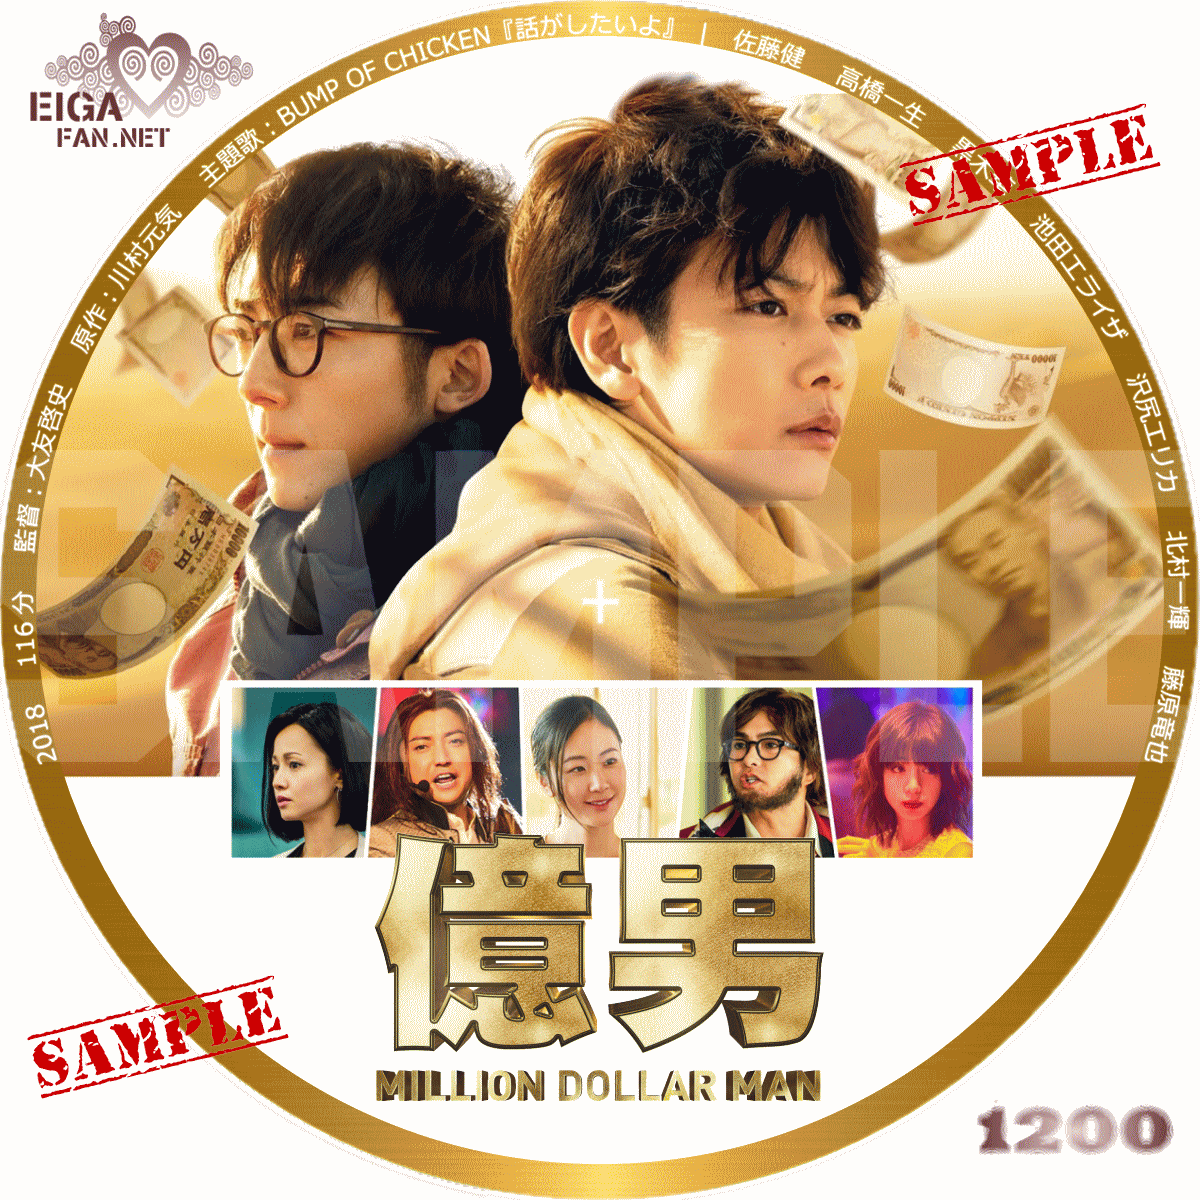 億男/Million Dollar Man (2018)      日本映画の自作DVDラベル&BDラベル      邦画【お】PAGE-10